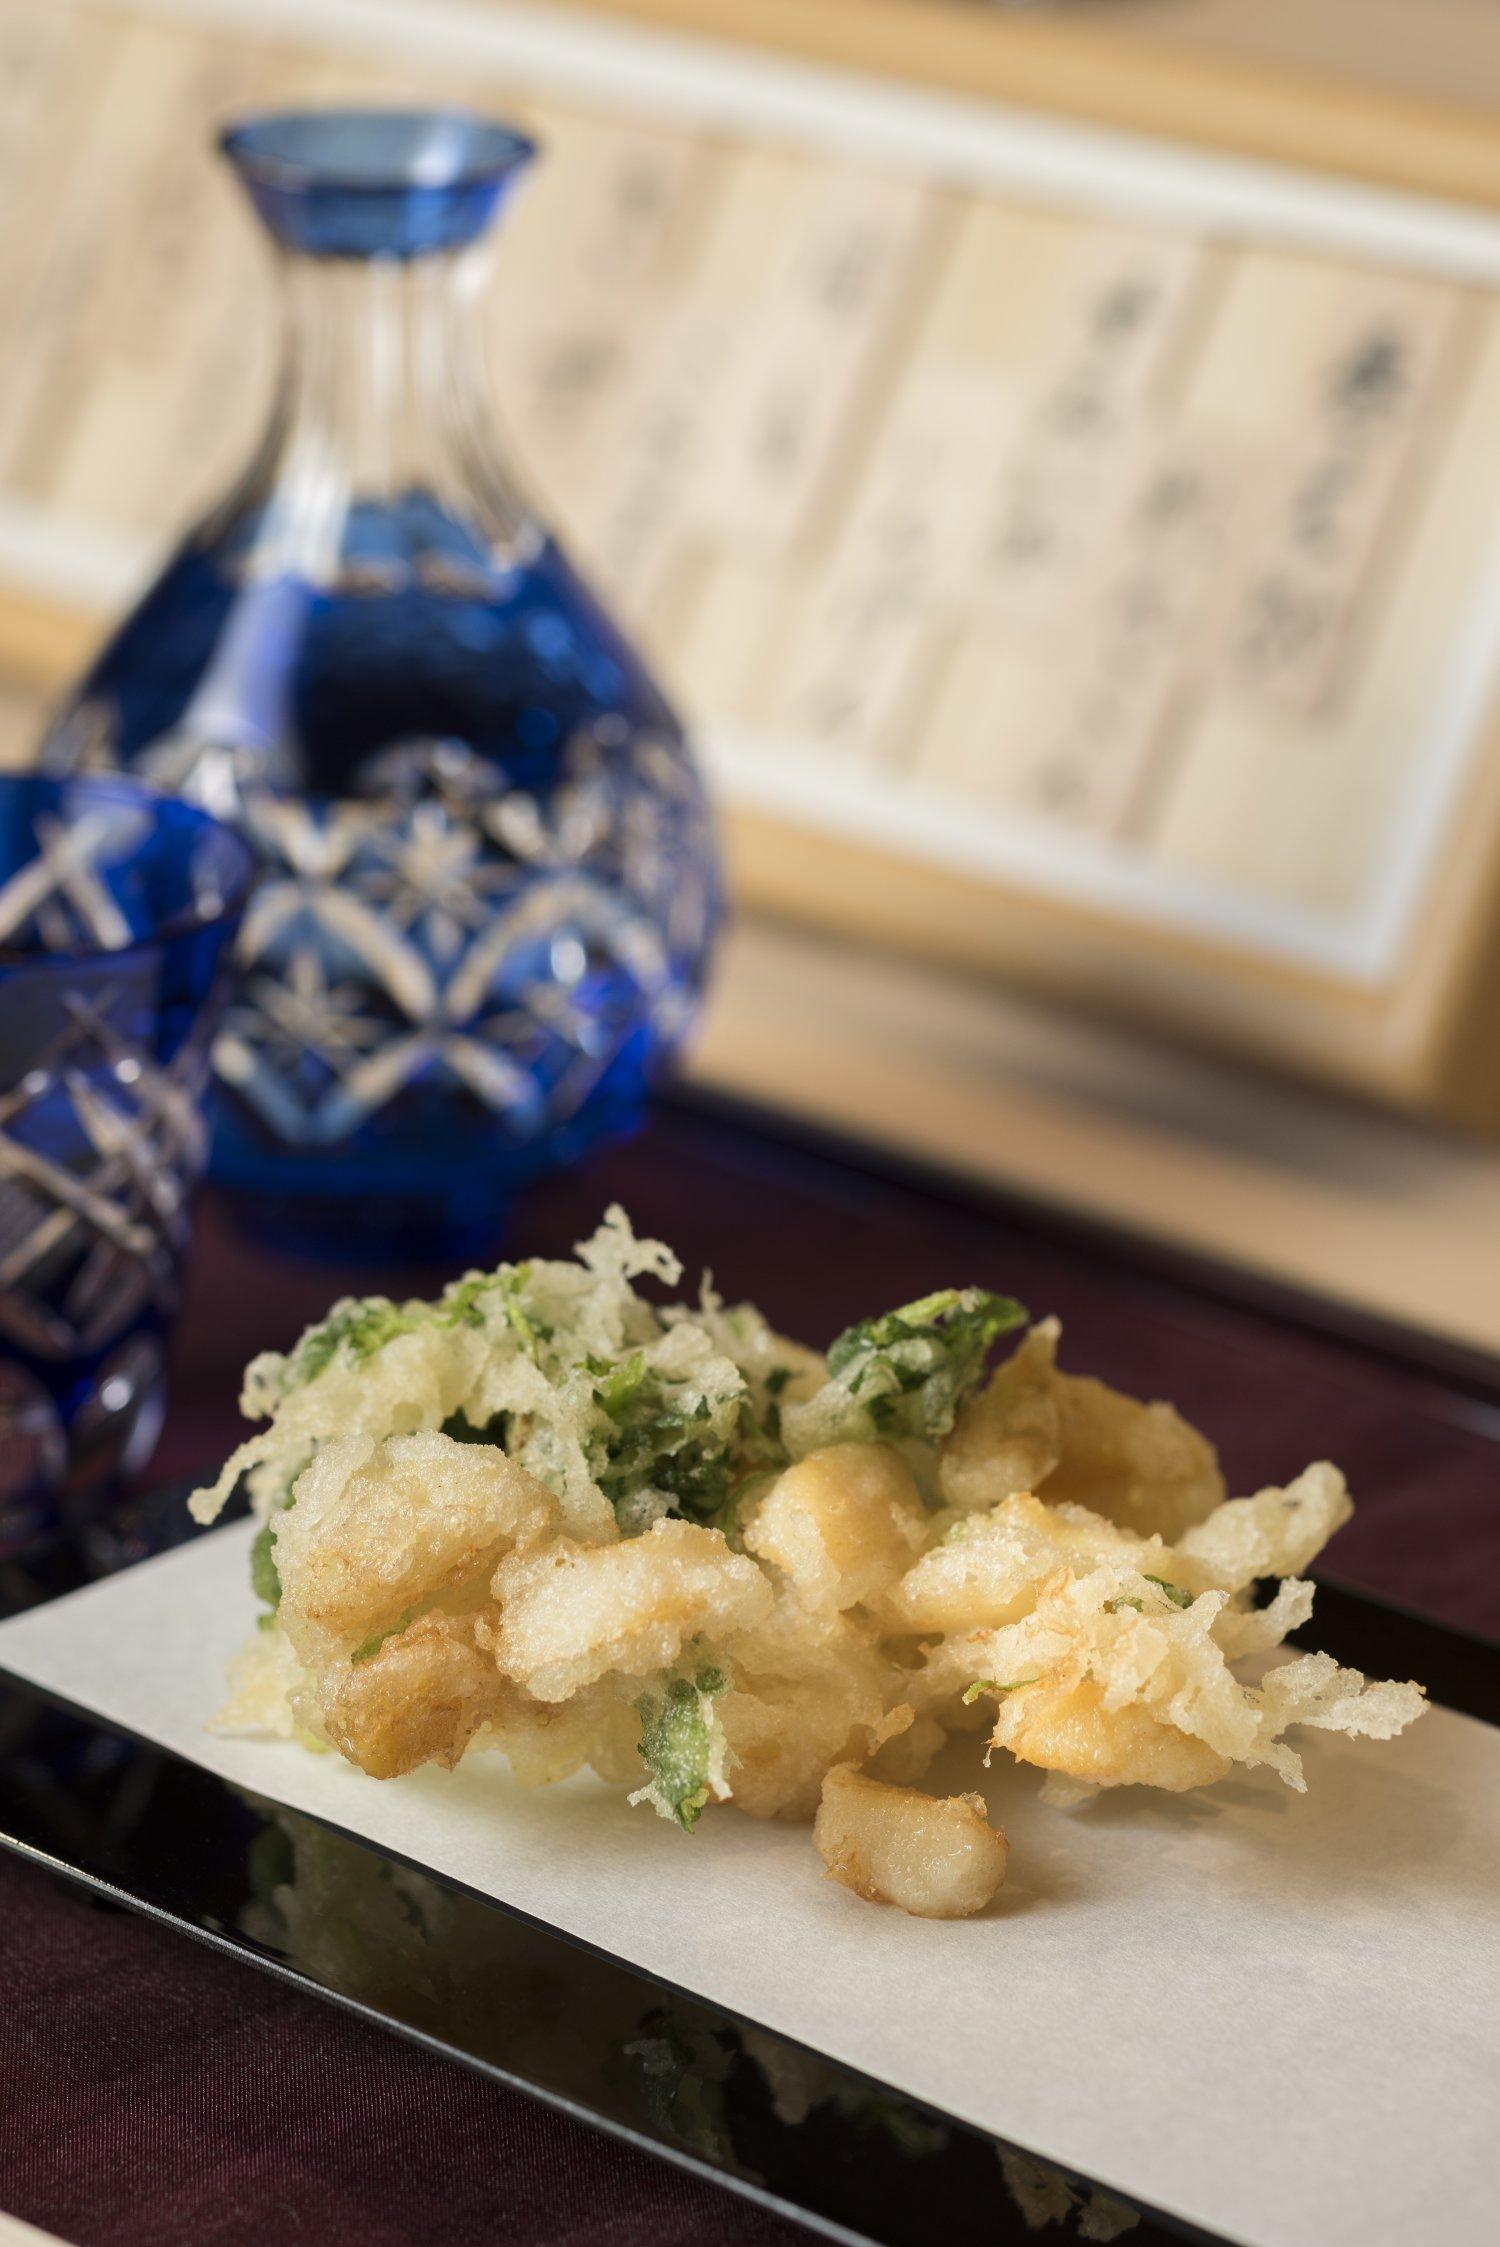 贅を尽くした会食向けのコース(7700~19000円)は、締めに小柱とミツバのかき揚げが。アテによし、天茶、天丼にもできる。